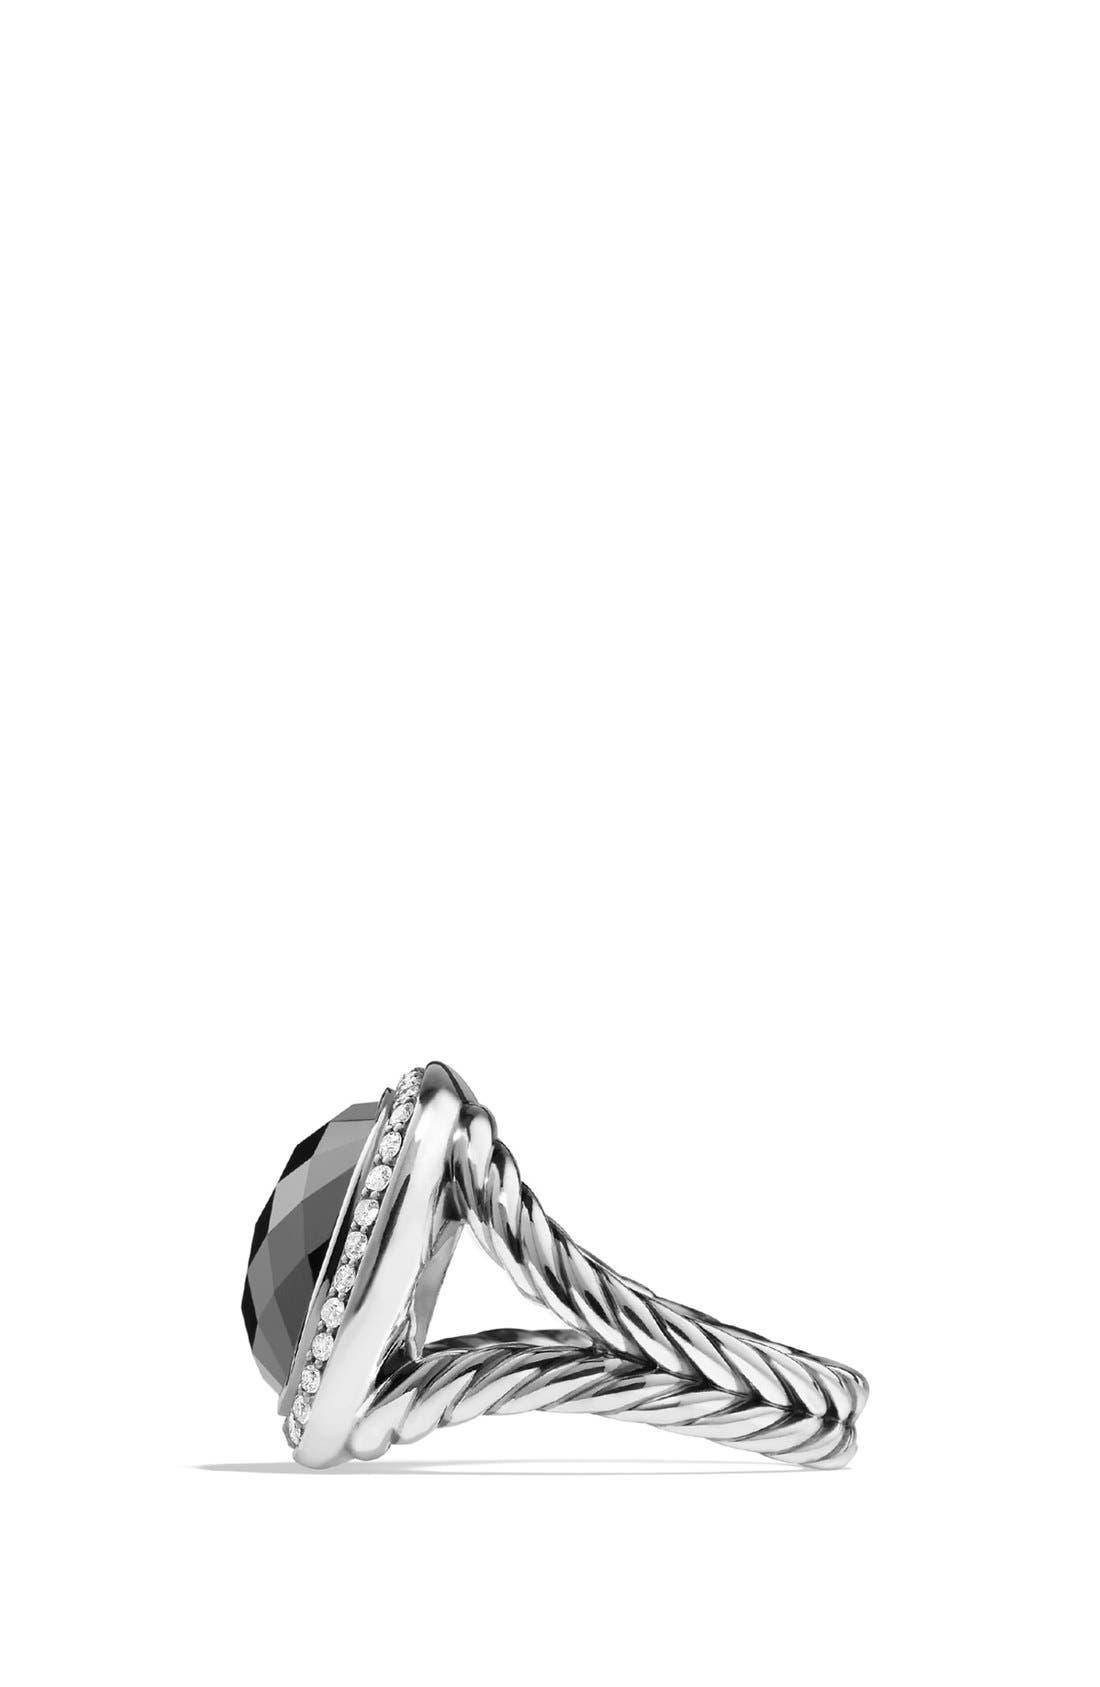 Alternate Image 3  - David Yurman 'Albion' Ring with Semiprecious Stone and Diamonds